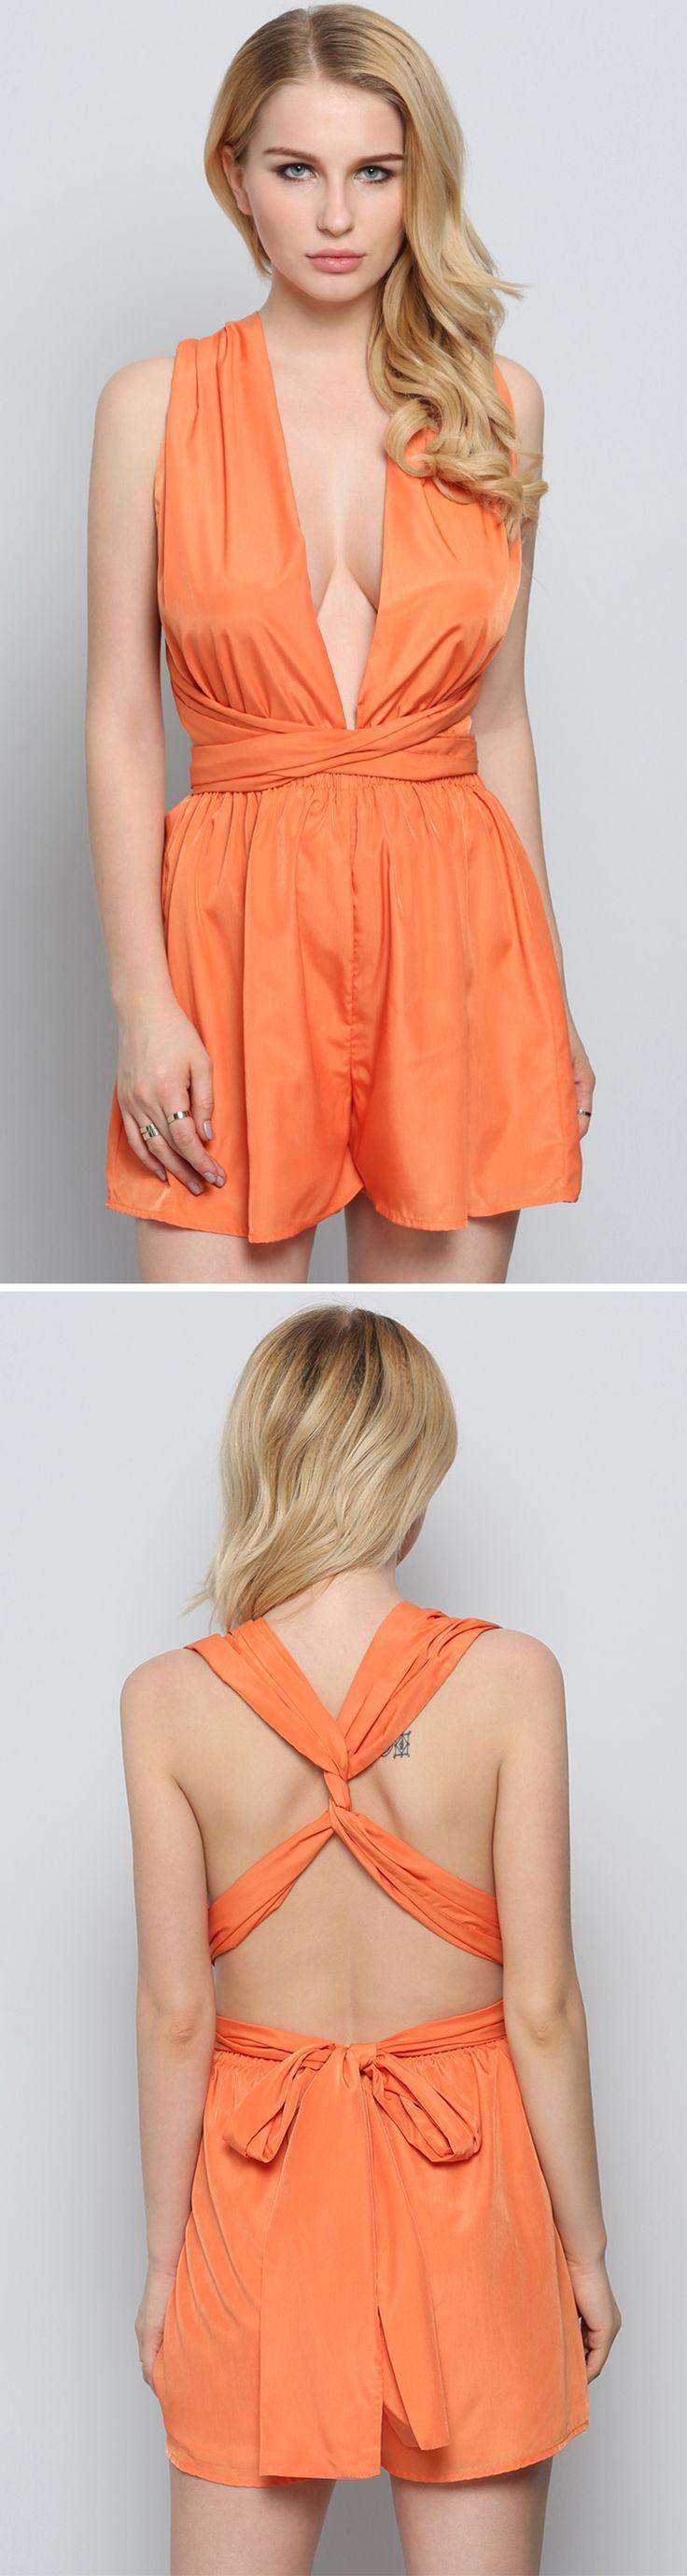 Orange Sleeveless Backless Playsuit